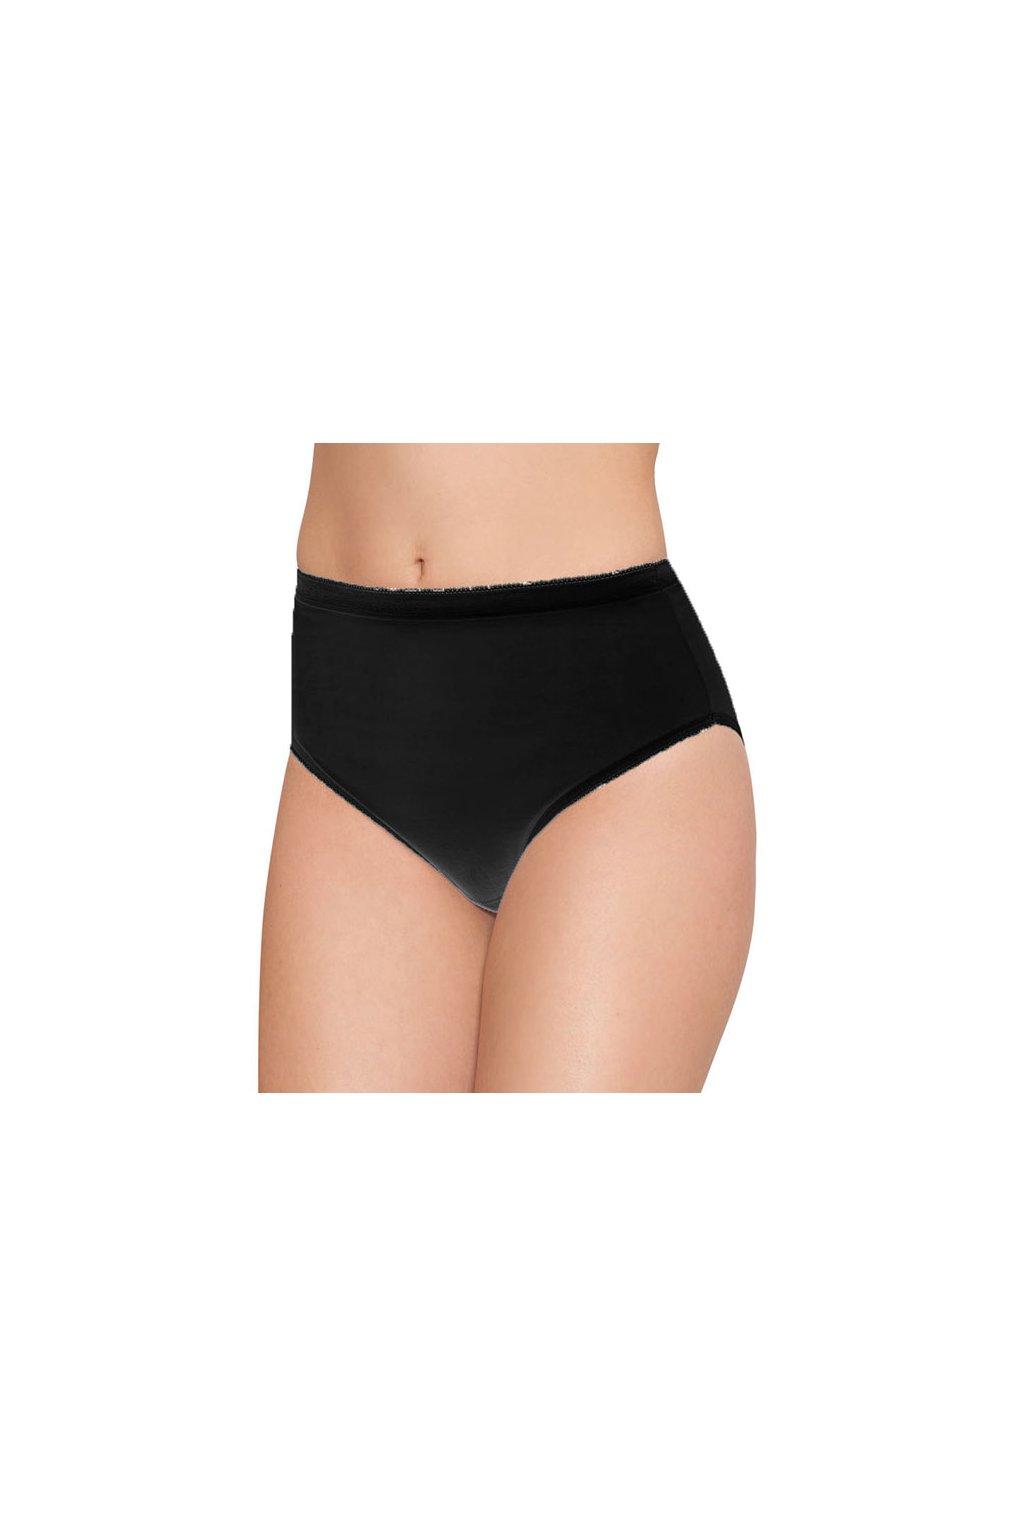 Dámské kalhotky, 100NINA 29, černá